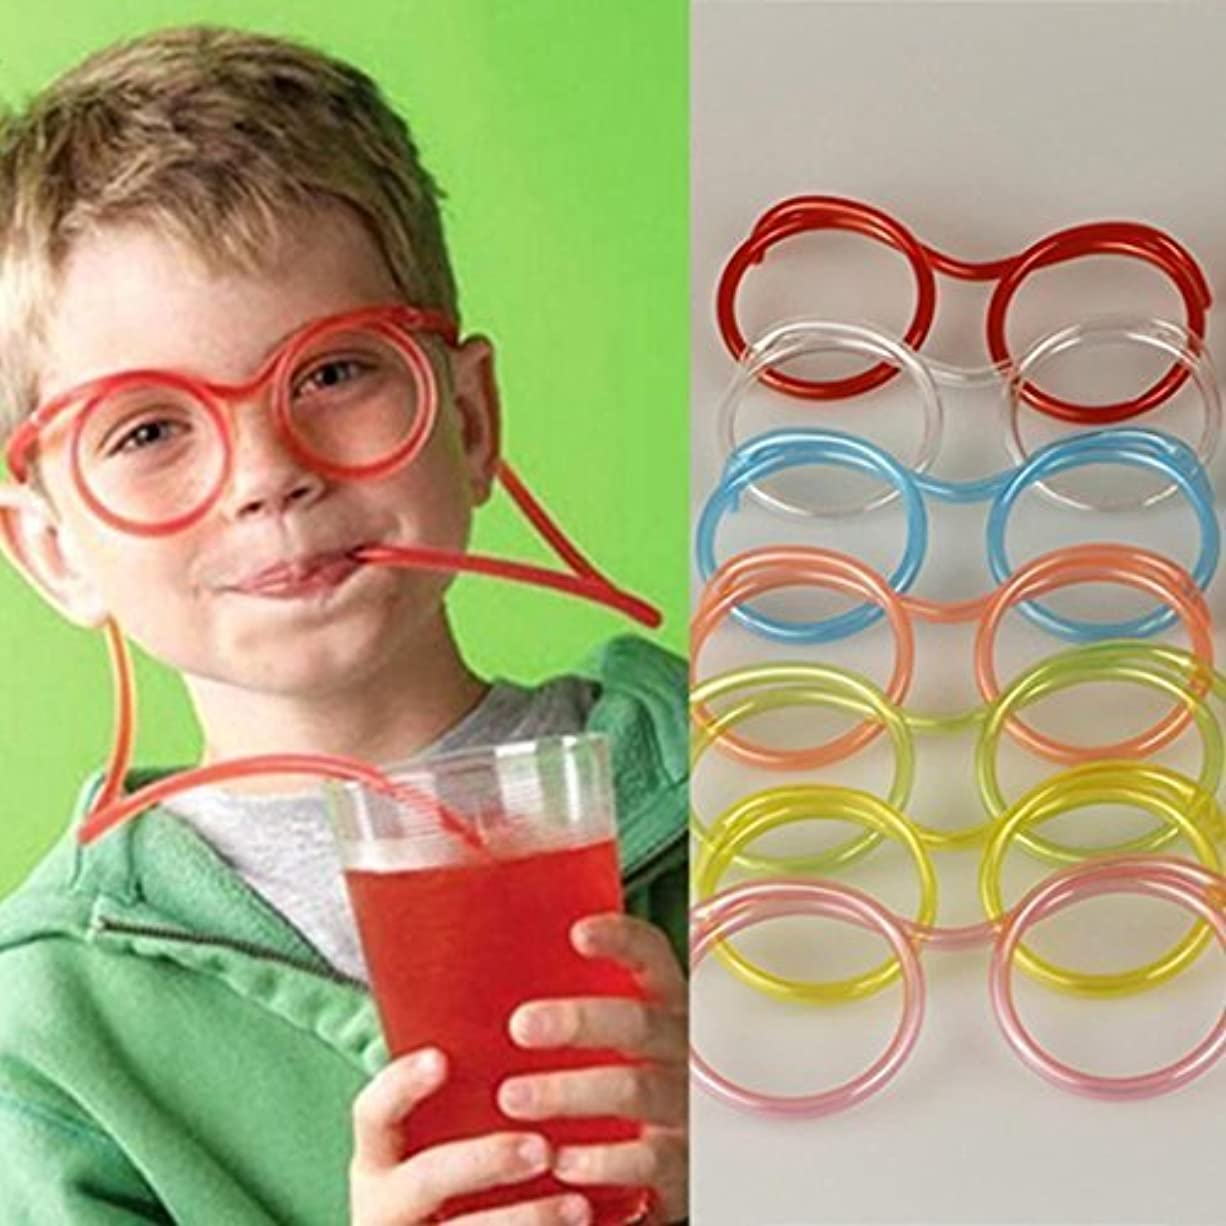 誕生解説作動する子供の楽しい狂ったノベルティグラスフレキシブルストロー飲み会管ギフト用品